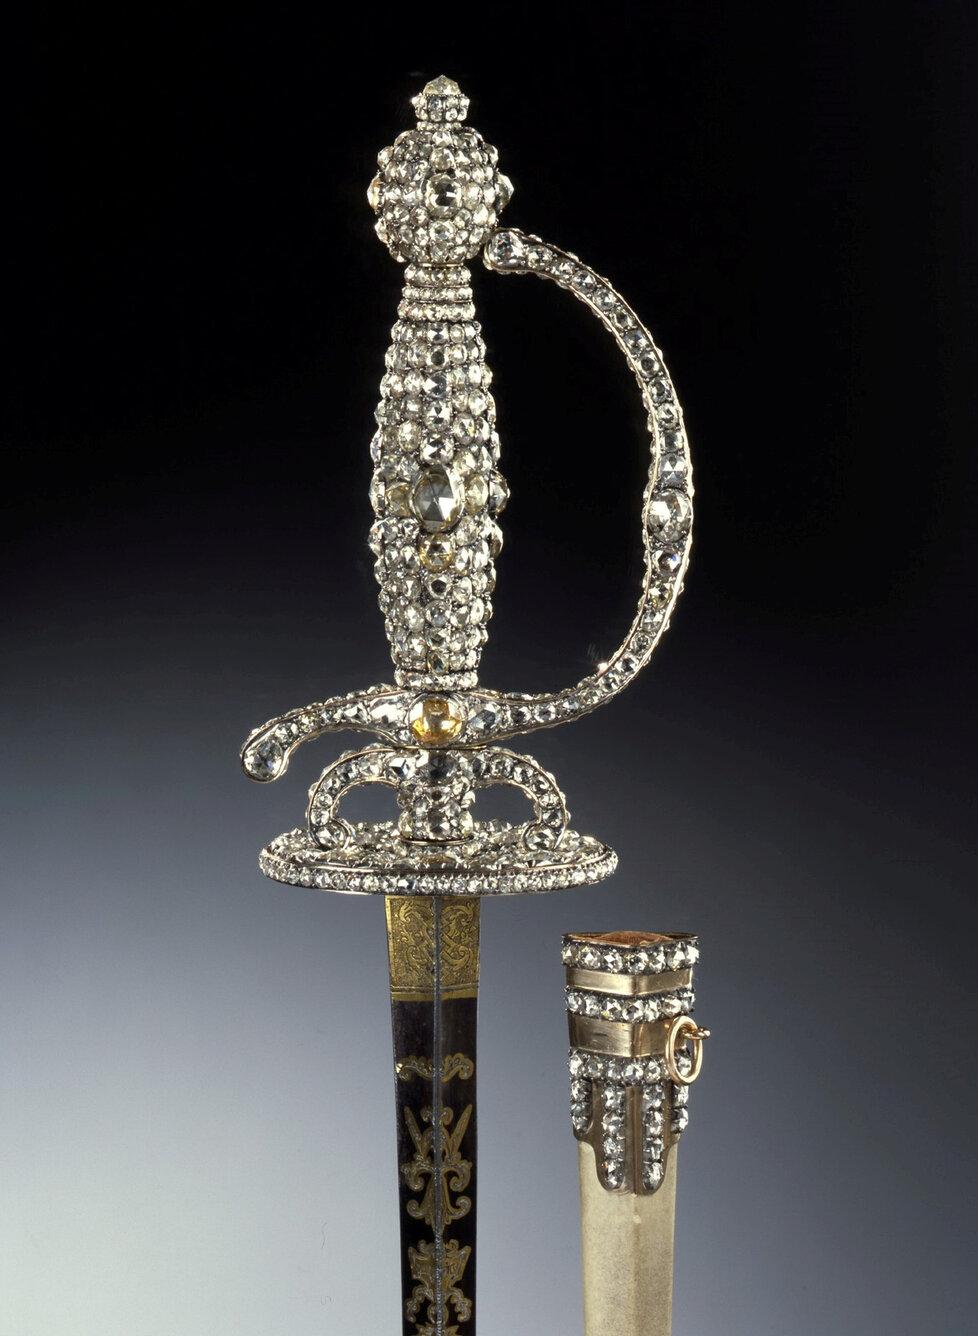 Jedním z nejcennějších ukradených předmětů je zdobený kord.